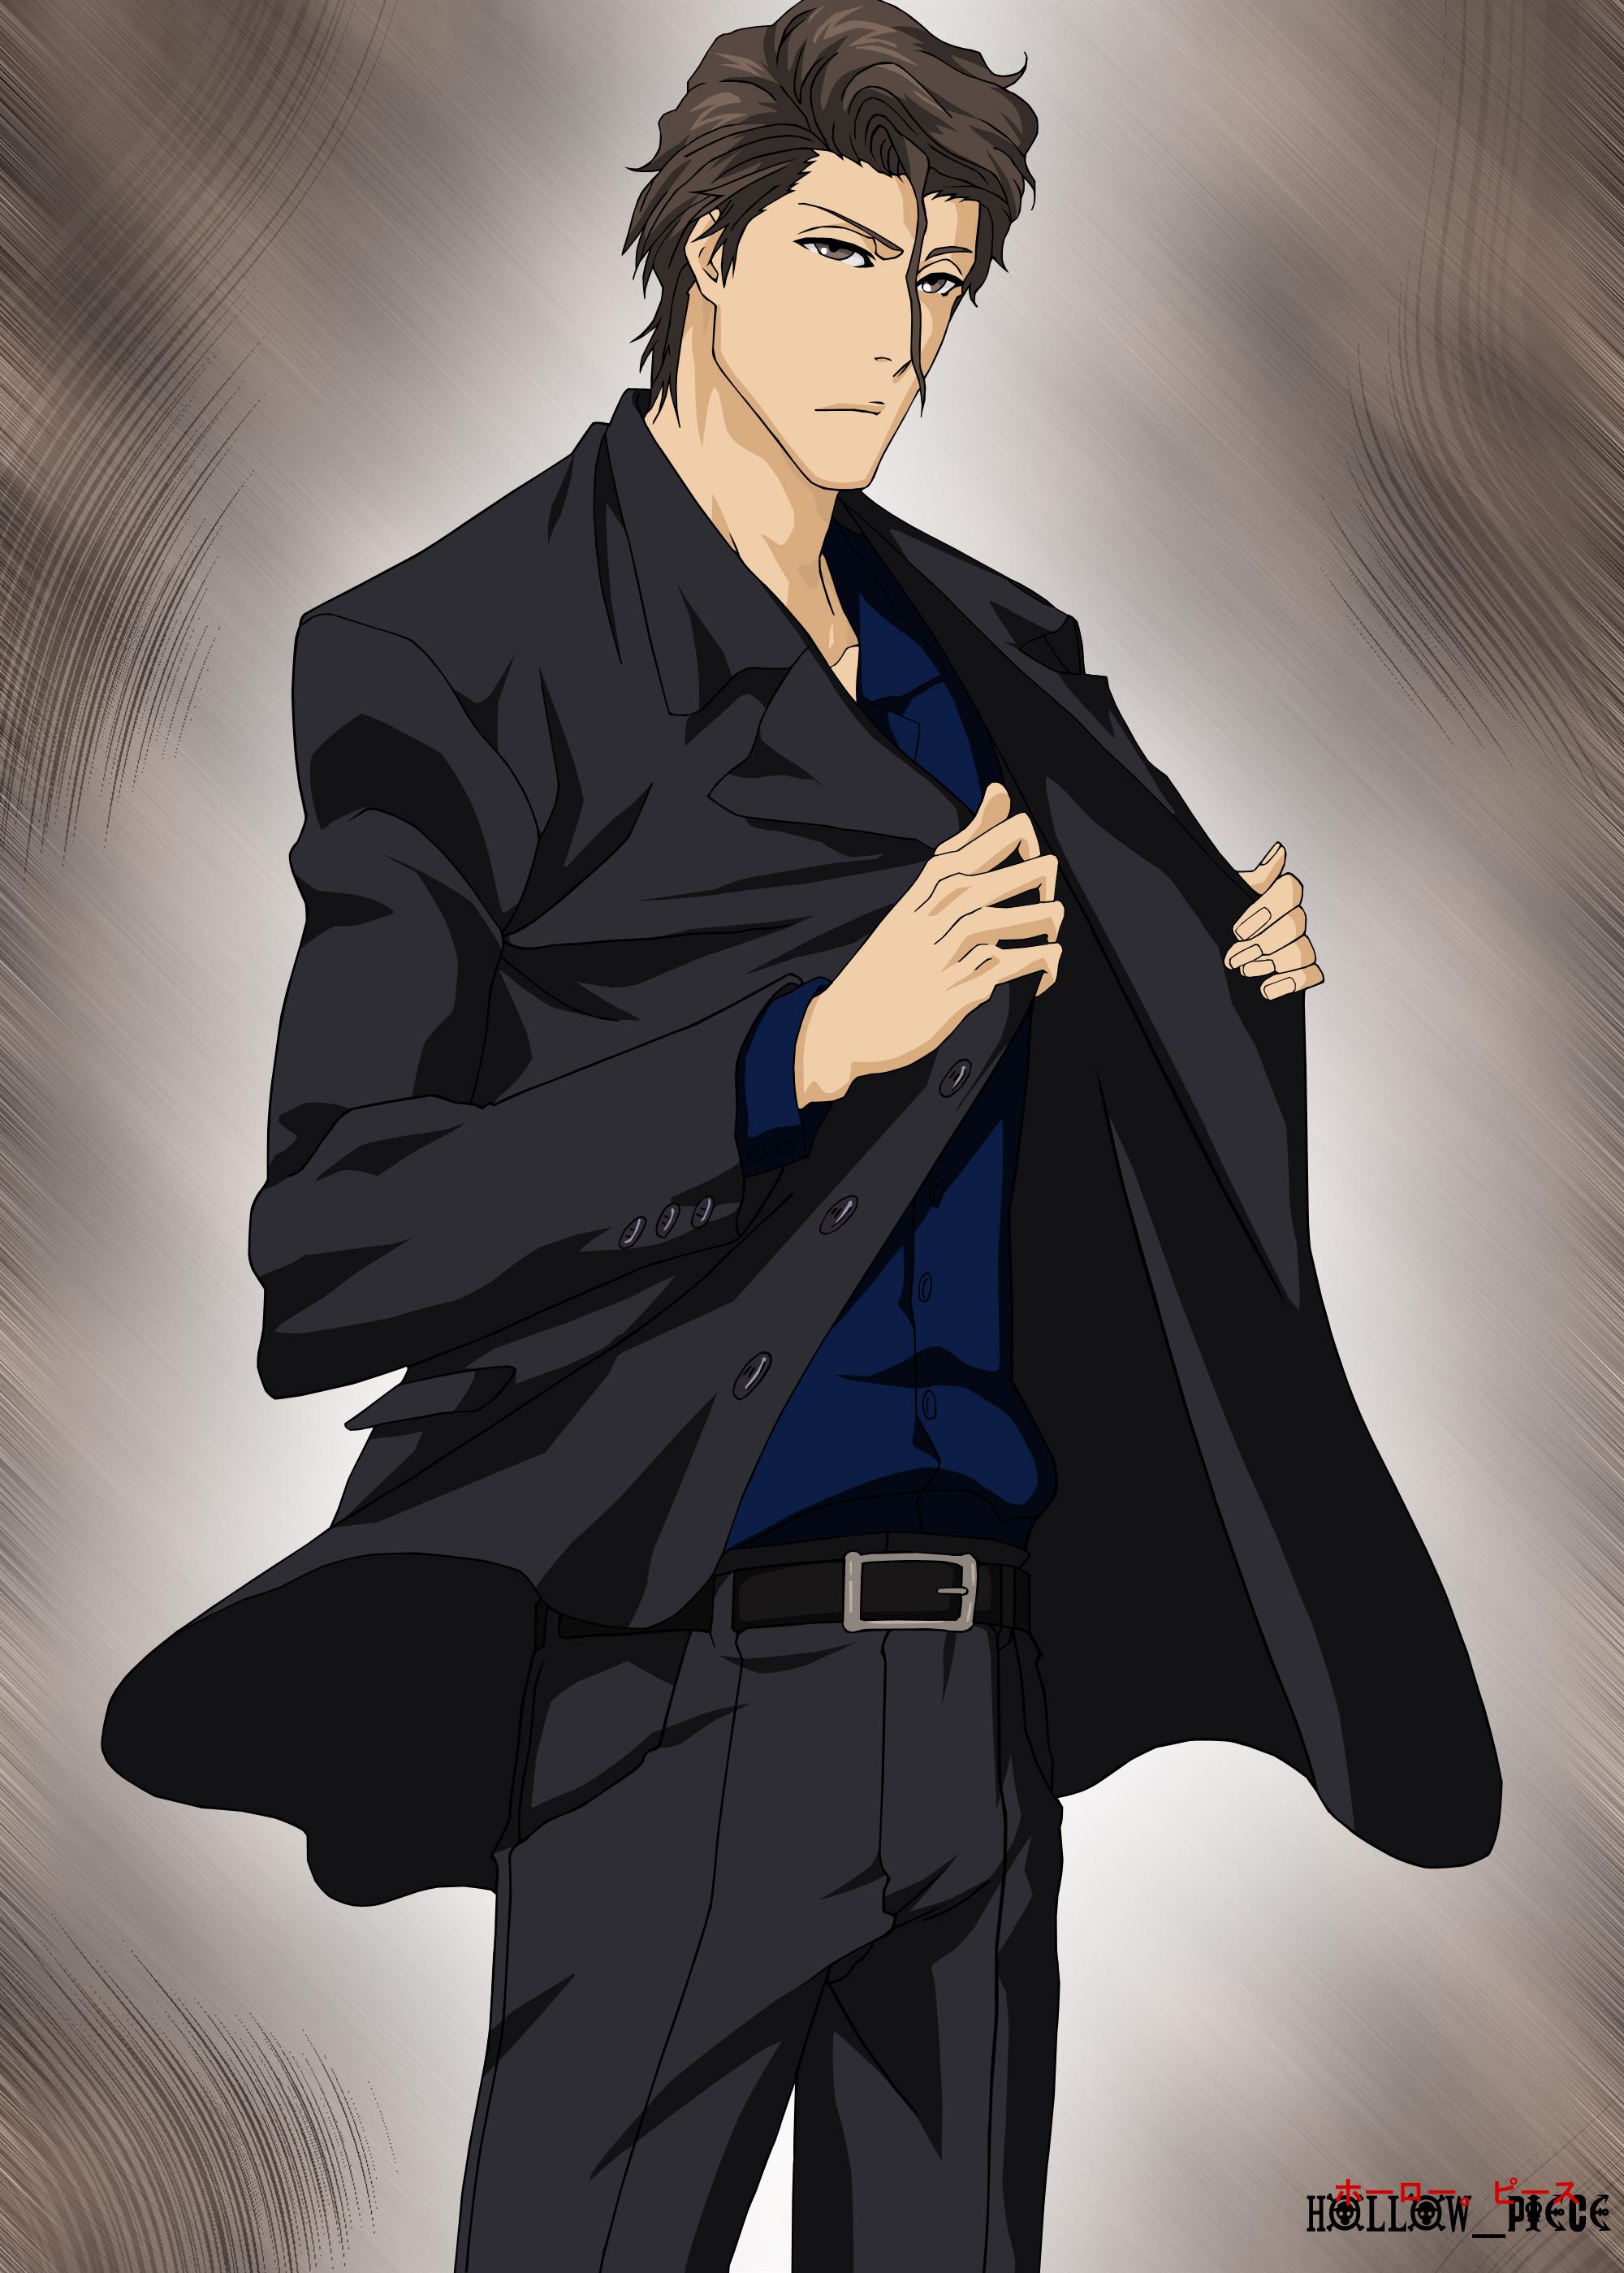 Aizen Sosuke by HollowPiece on DeviantArt  Aizen Sosuke by...